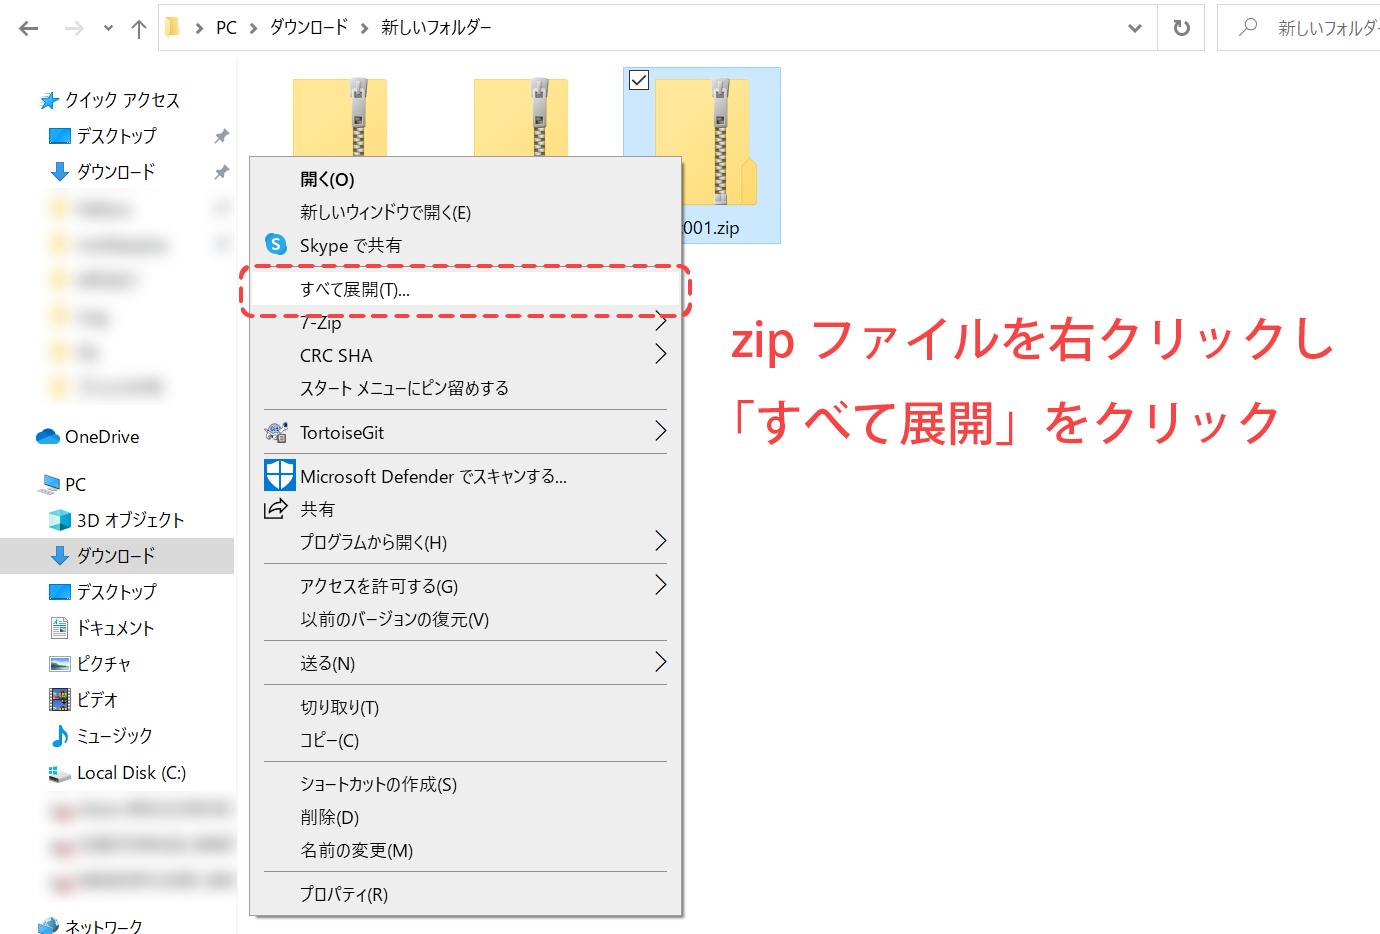 zipファイルの解凍